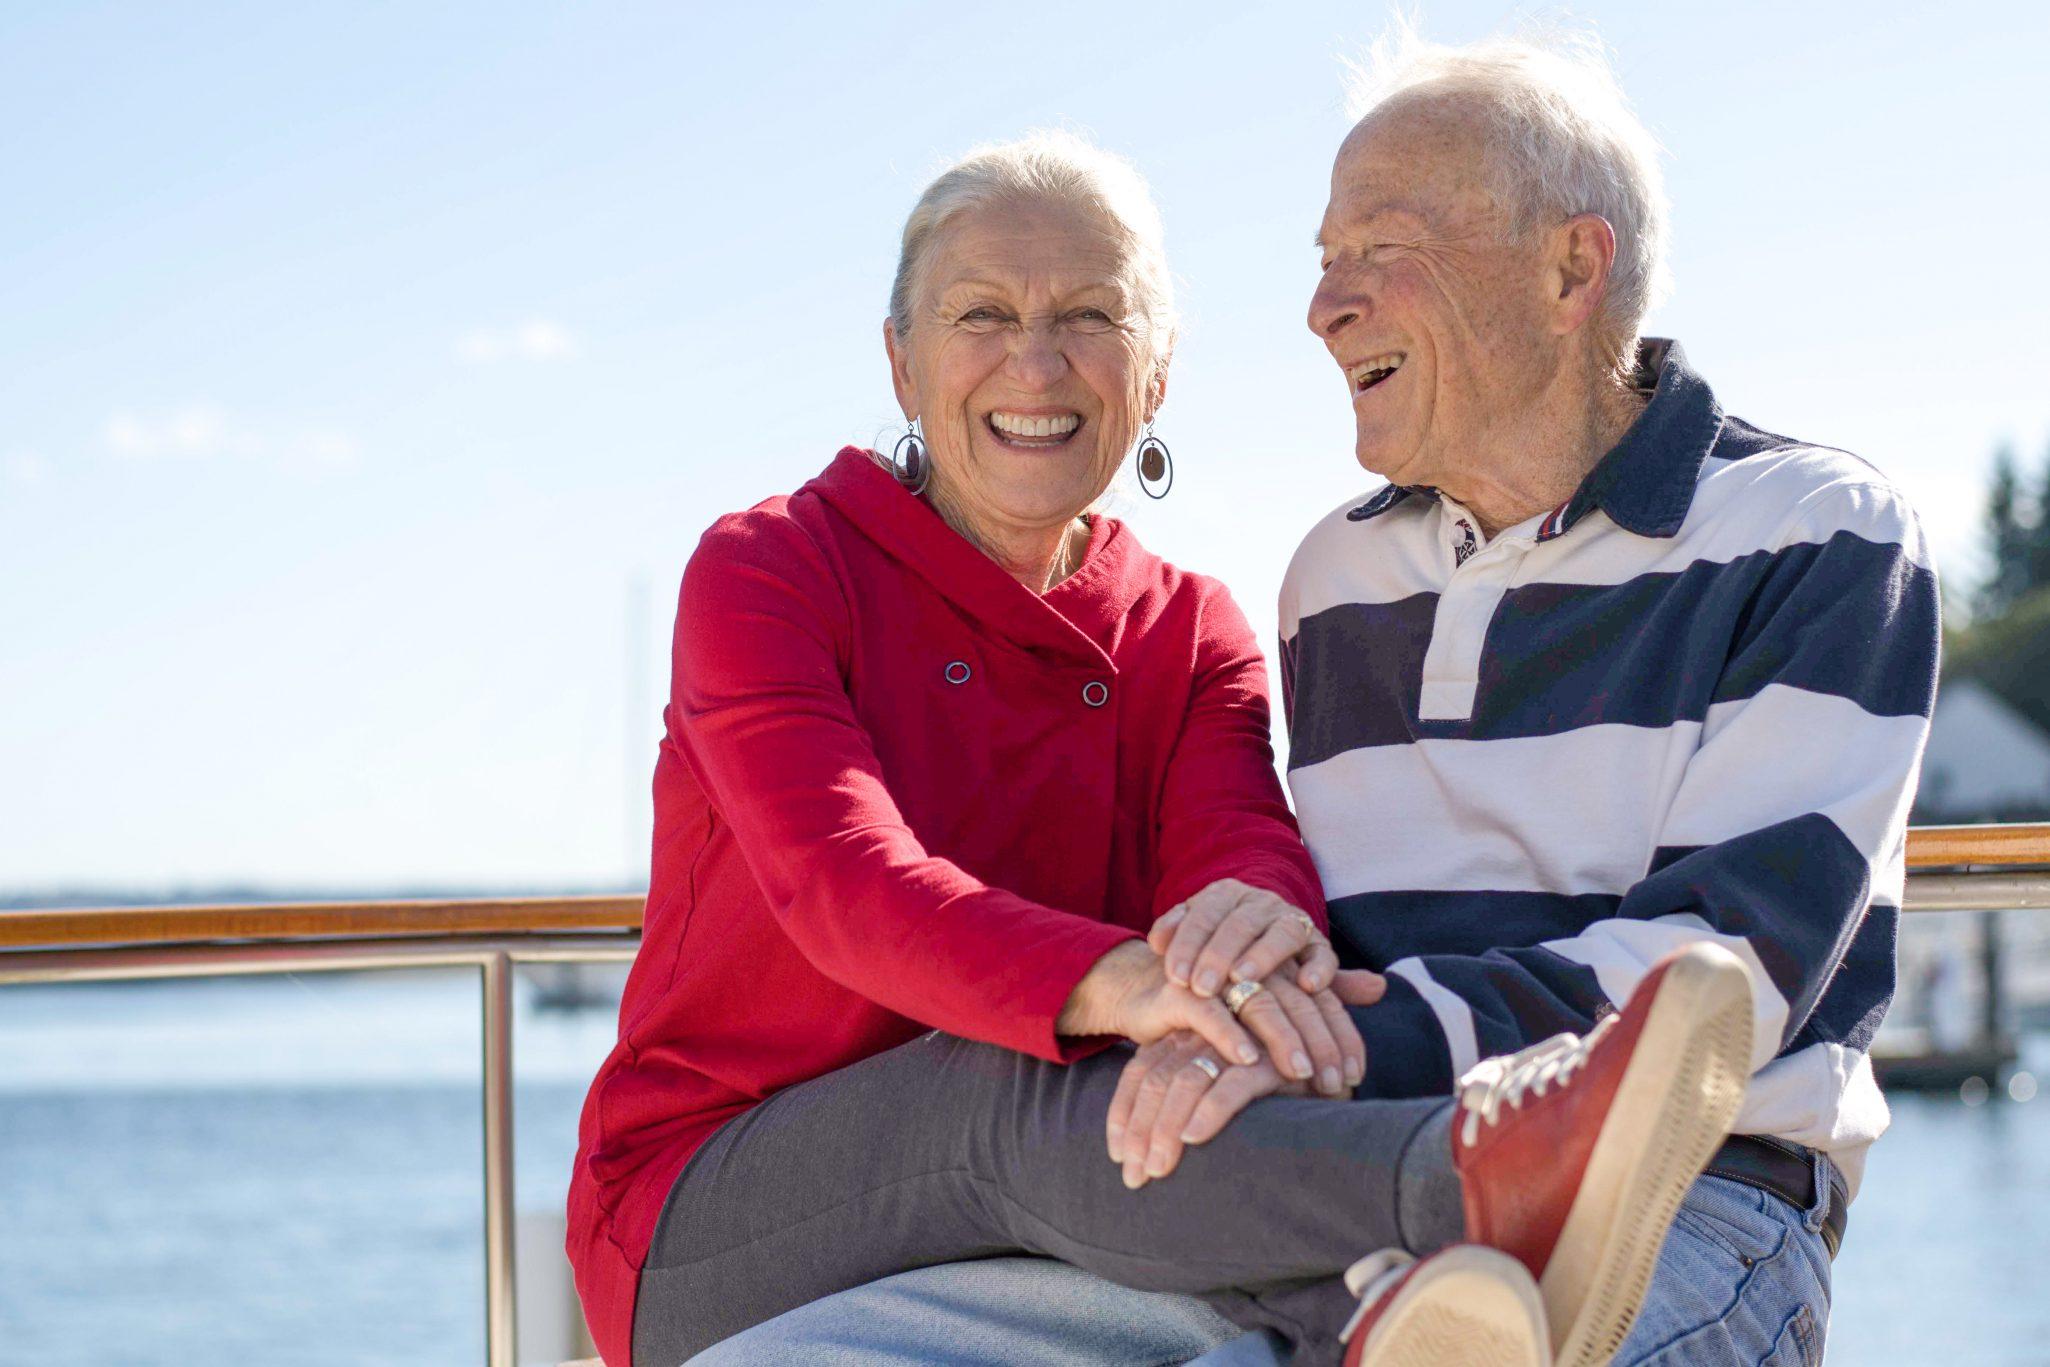 Senior couple enjoying independent living